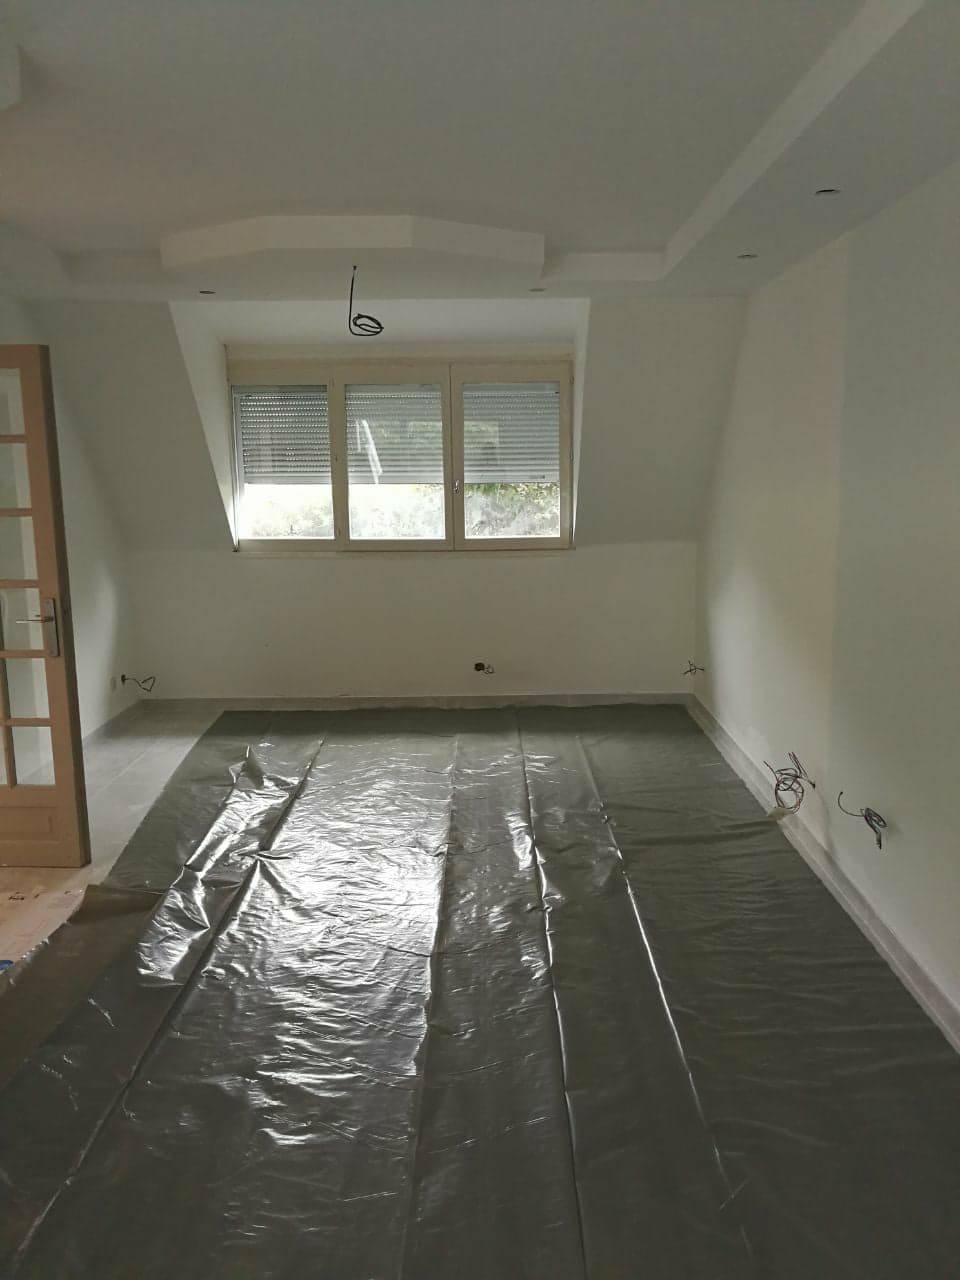 maghawry_renovation_travaux_2018_peinture_murs_wc_cuisine_escalier_toilette_carrelage_faux_plafond_cloisons_bandes_enduit_cheminee_salon31-min